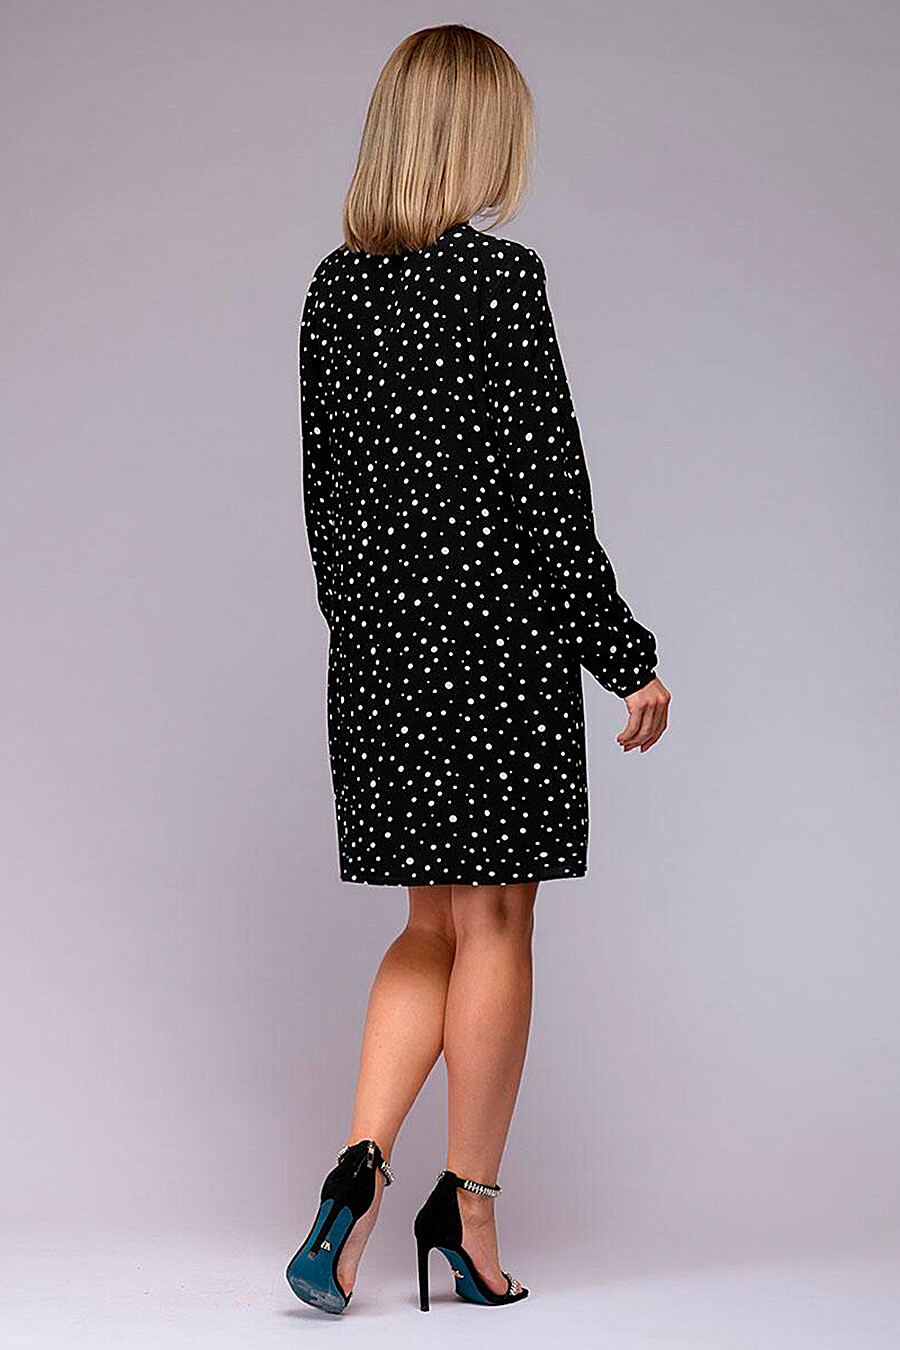 Платье для женщин 1001 DRESS 272798 купить оптом от производителя. Совместная покупка женской одежды в OptMoyo